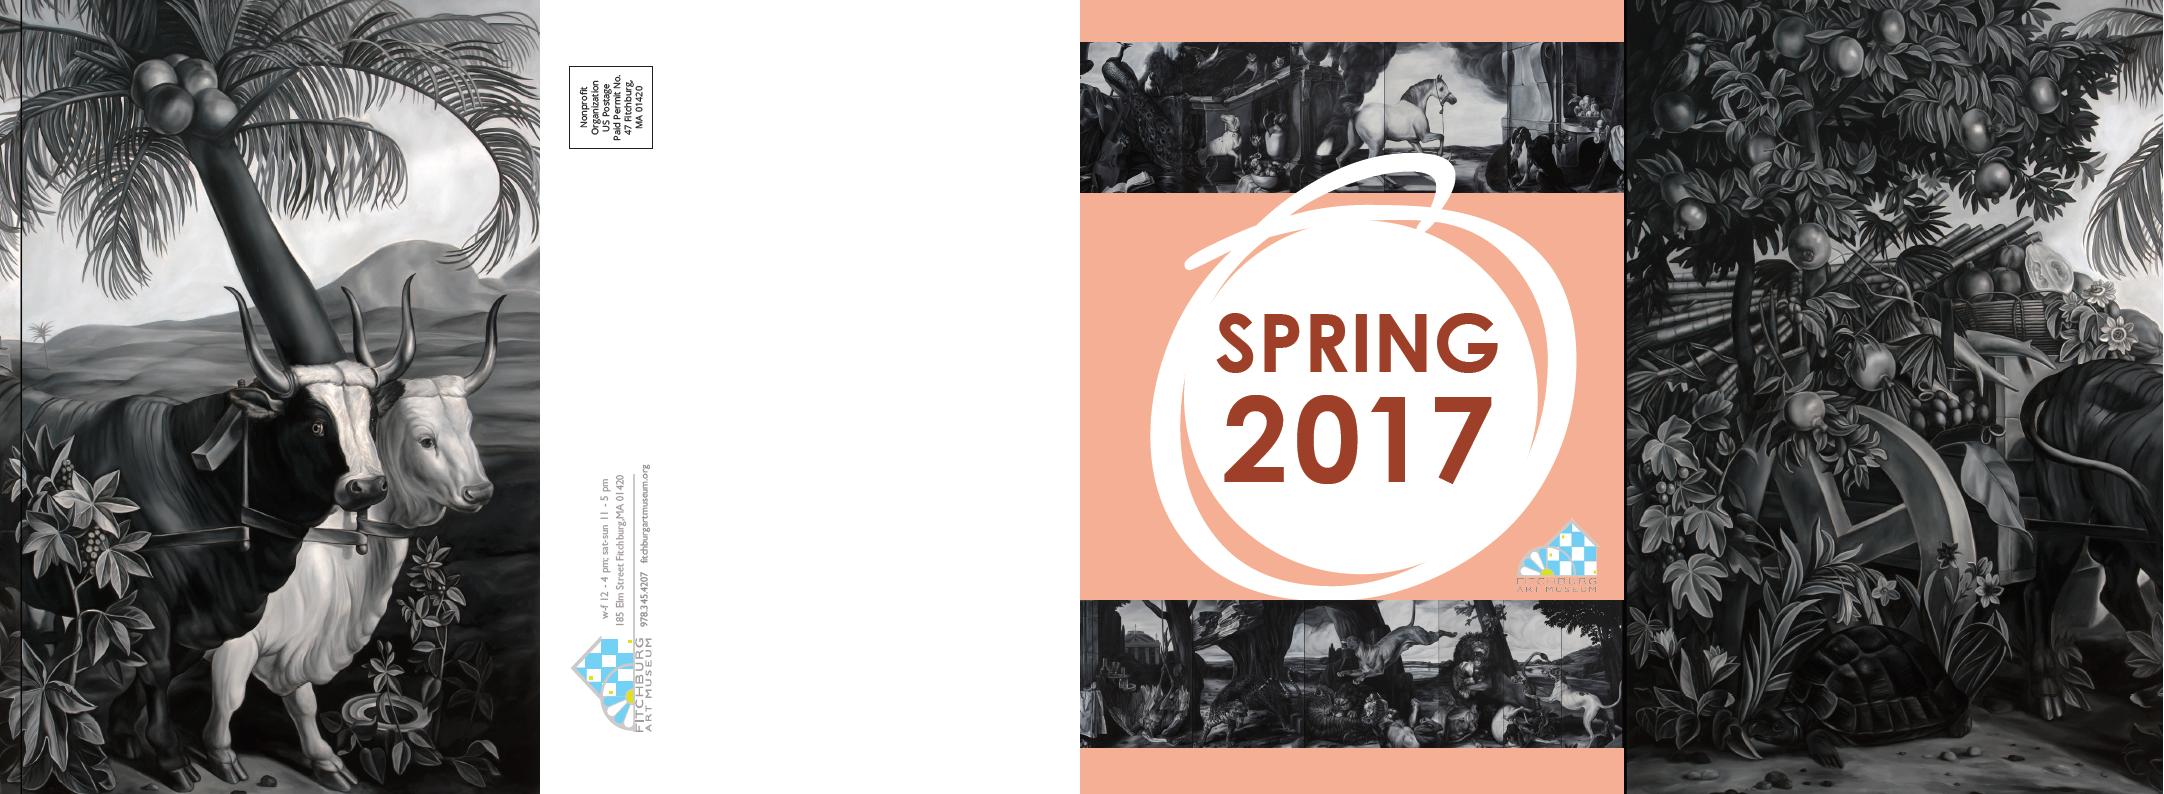 FAM Spring Calendar of Events 17